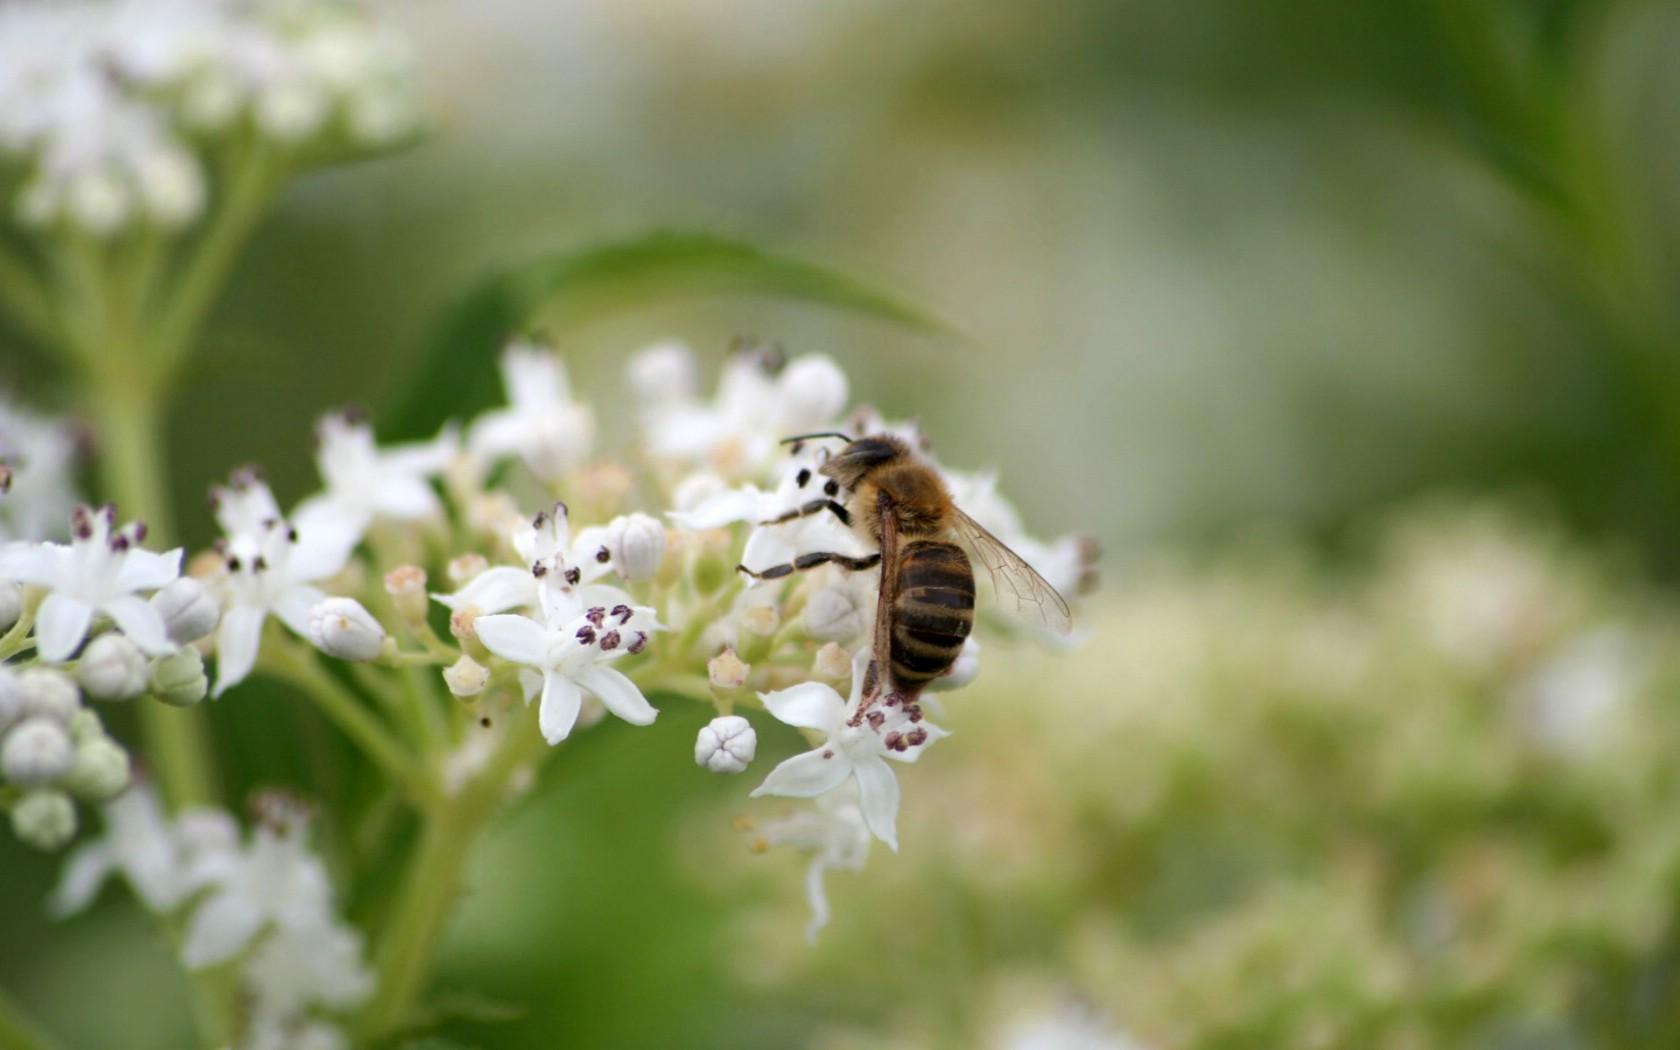 中蜂一斤蜂有几脾(一斤中蜂蜂量有多少脾)